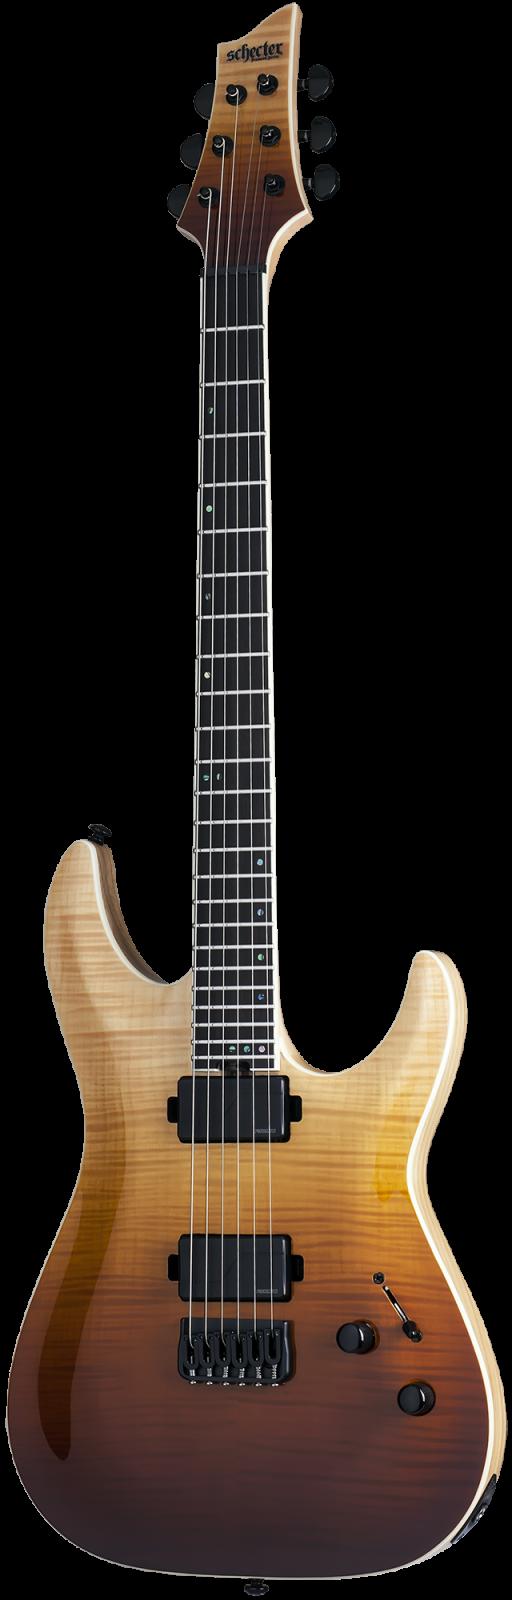 Schecter C-1 SLS Elite Electric Guitar - Antique Fade Burst